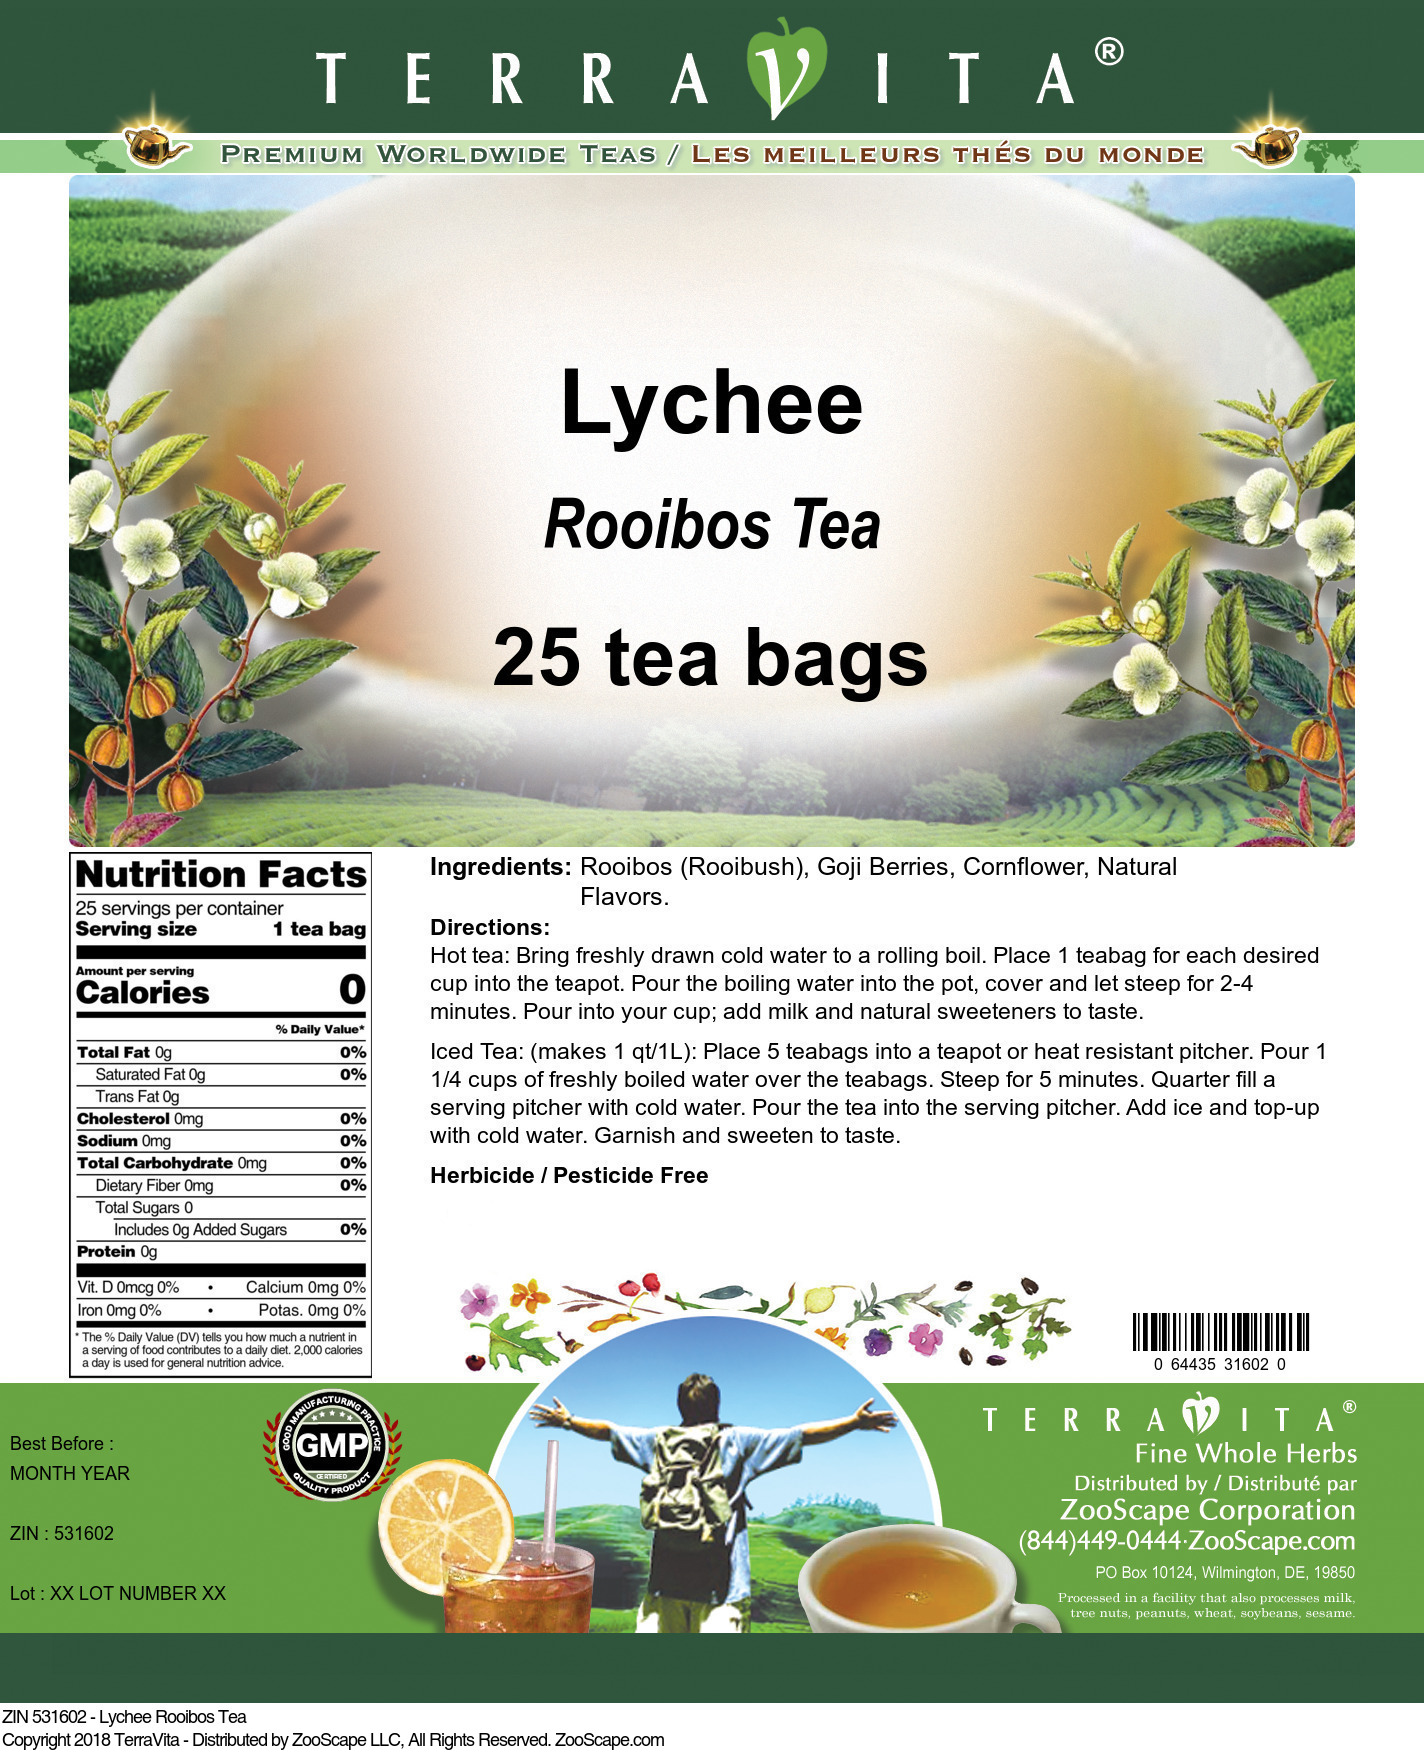 Lychee Rooibos Tea